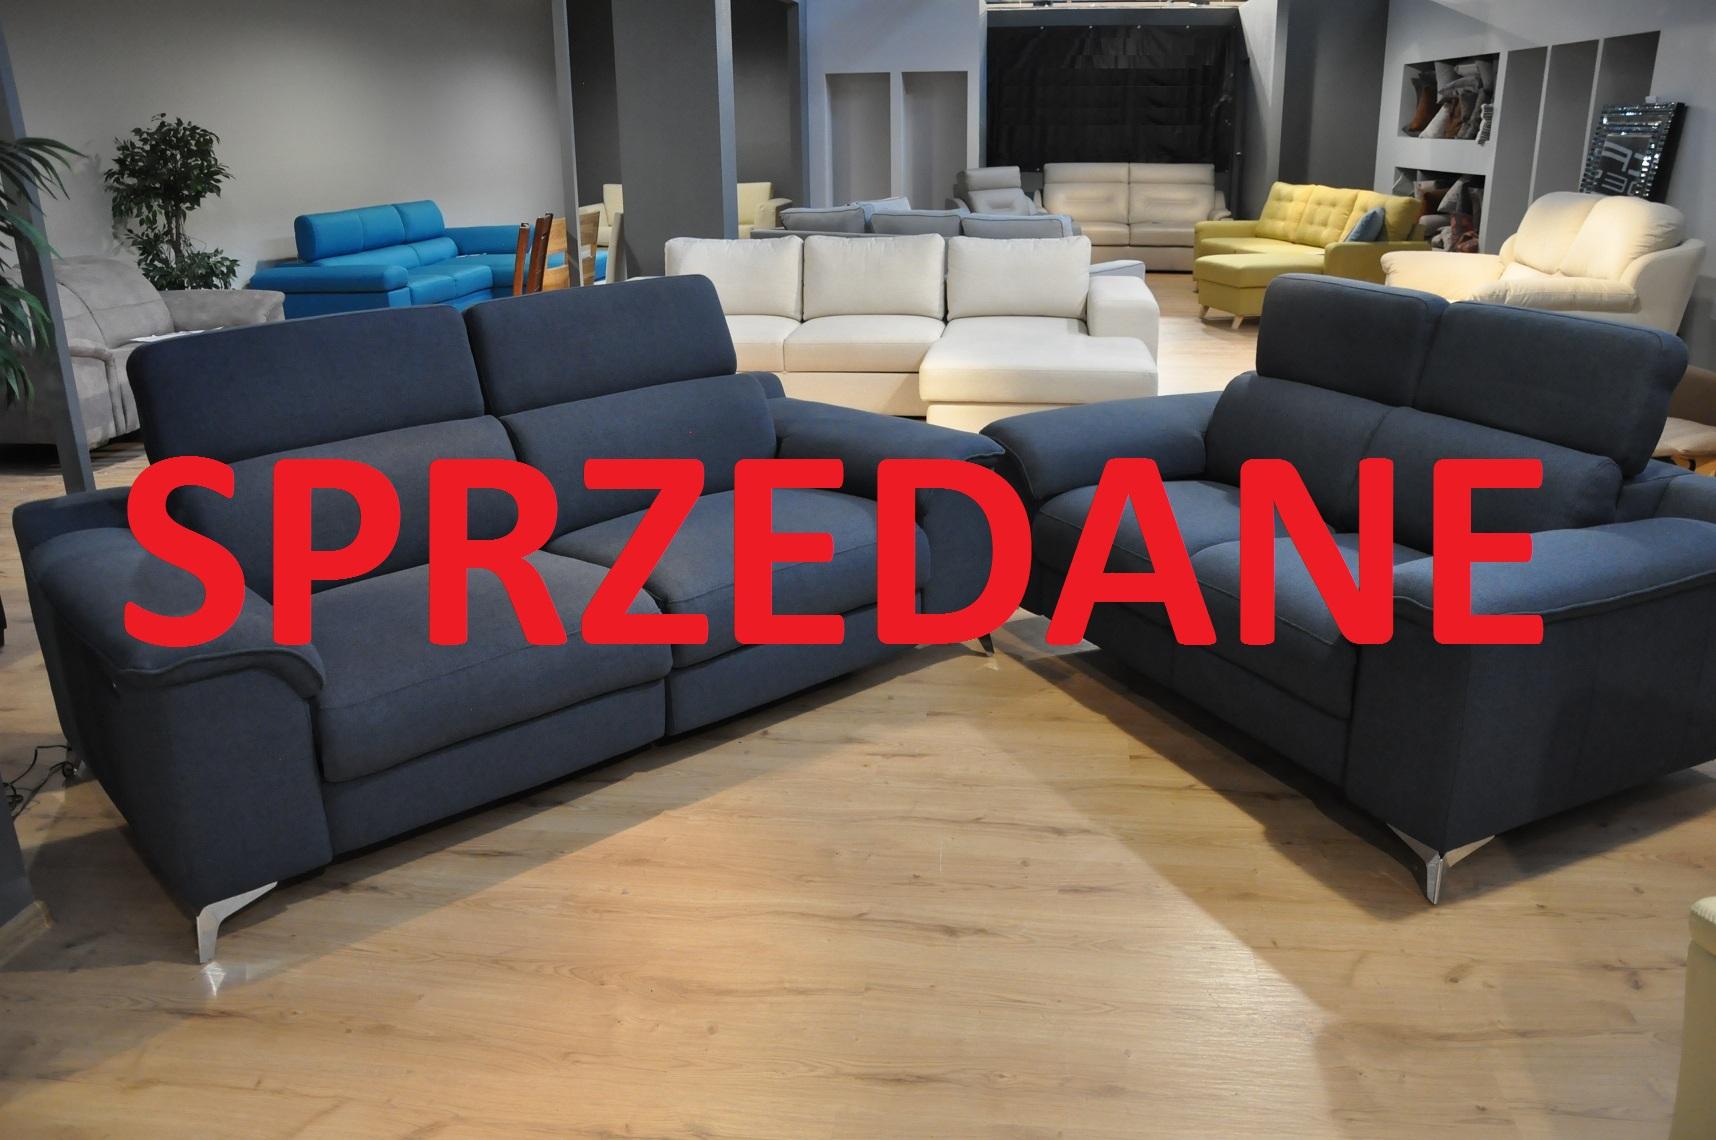 SHADOW EMMOHL Warszawa Studio Komfort Sofa 3 z funkcją relaks i sofa 2 Tkanina RIVOLI 47 zagłówki SPRZEDANE